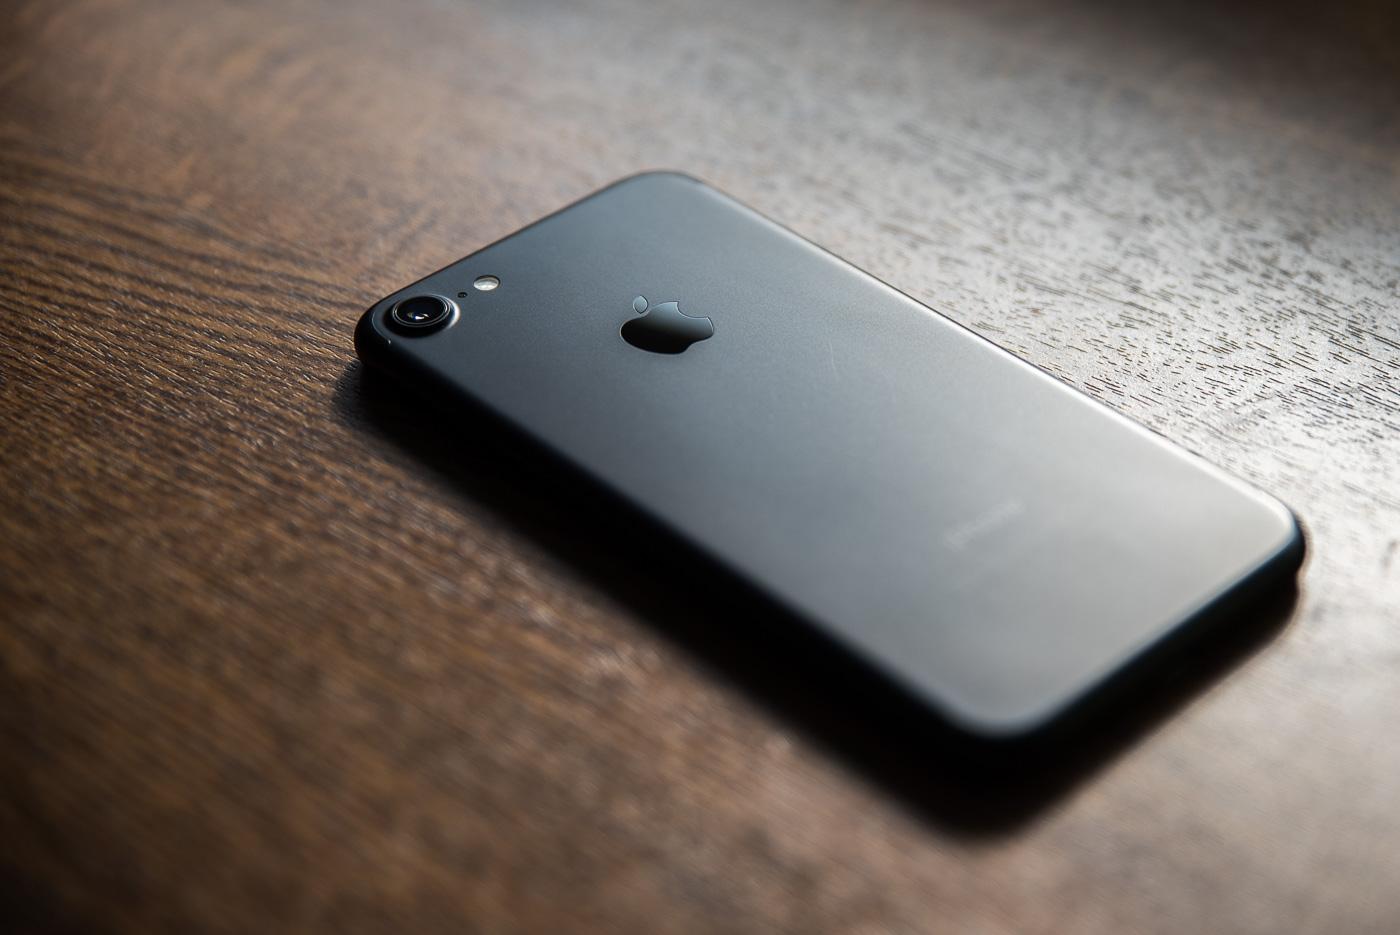 Ta aplikacja pozwoli ci wycisnąć jeszcze więcej z aparatu twojego iPhone'a